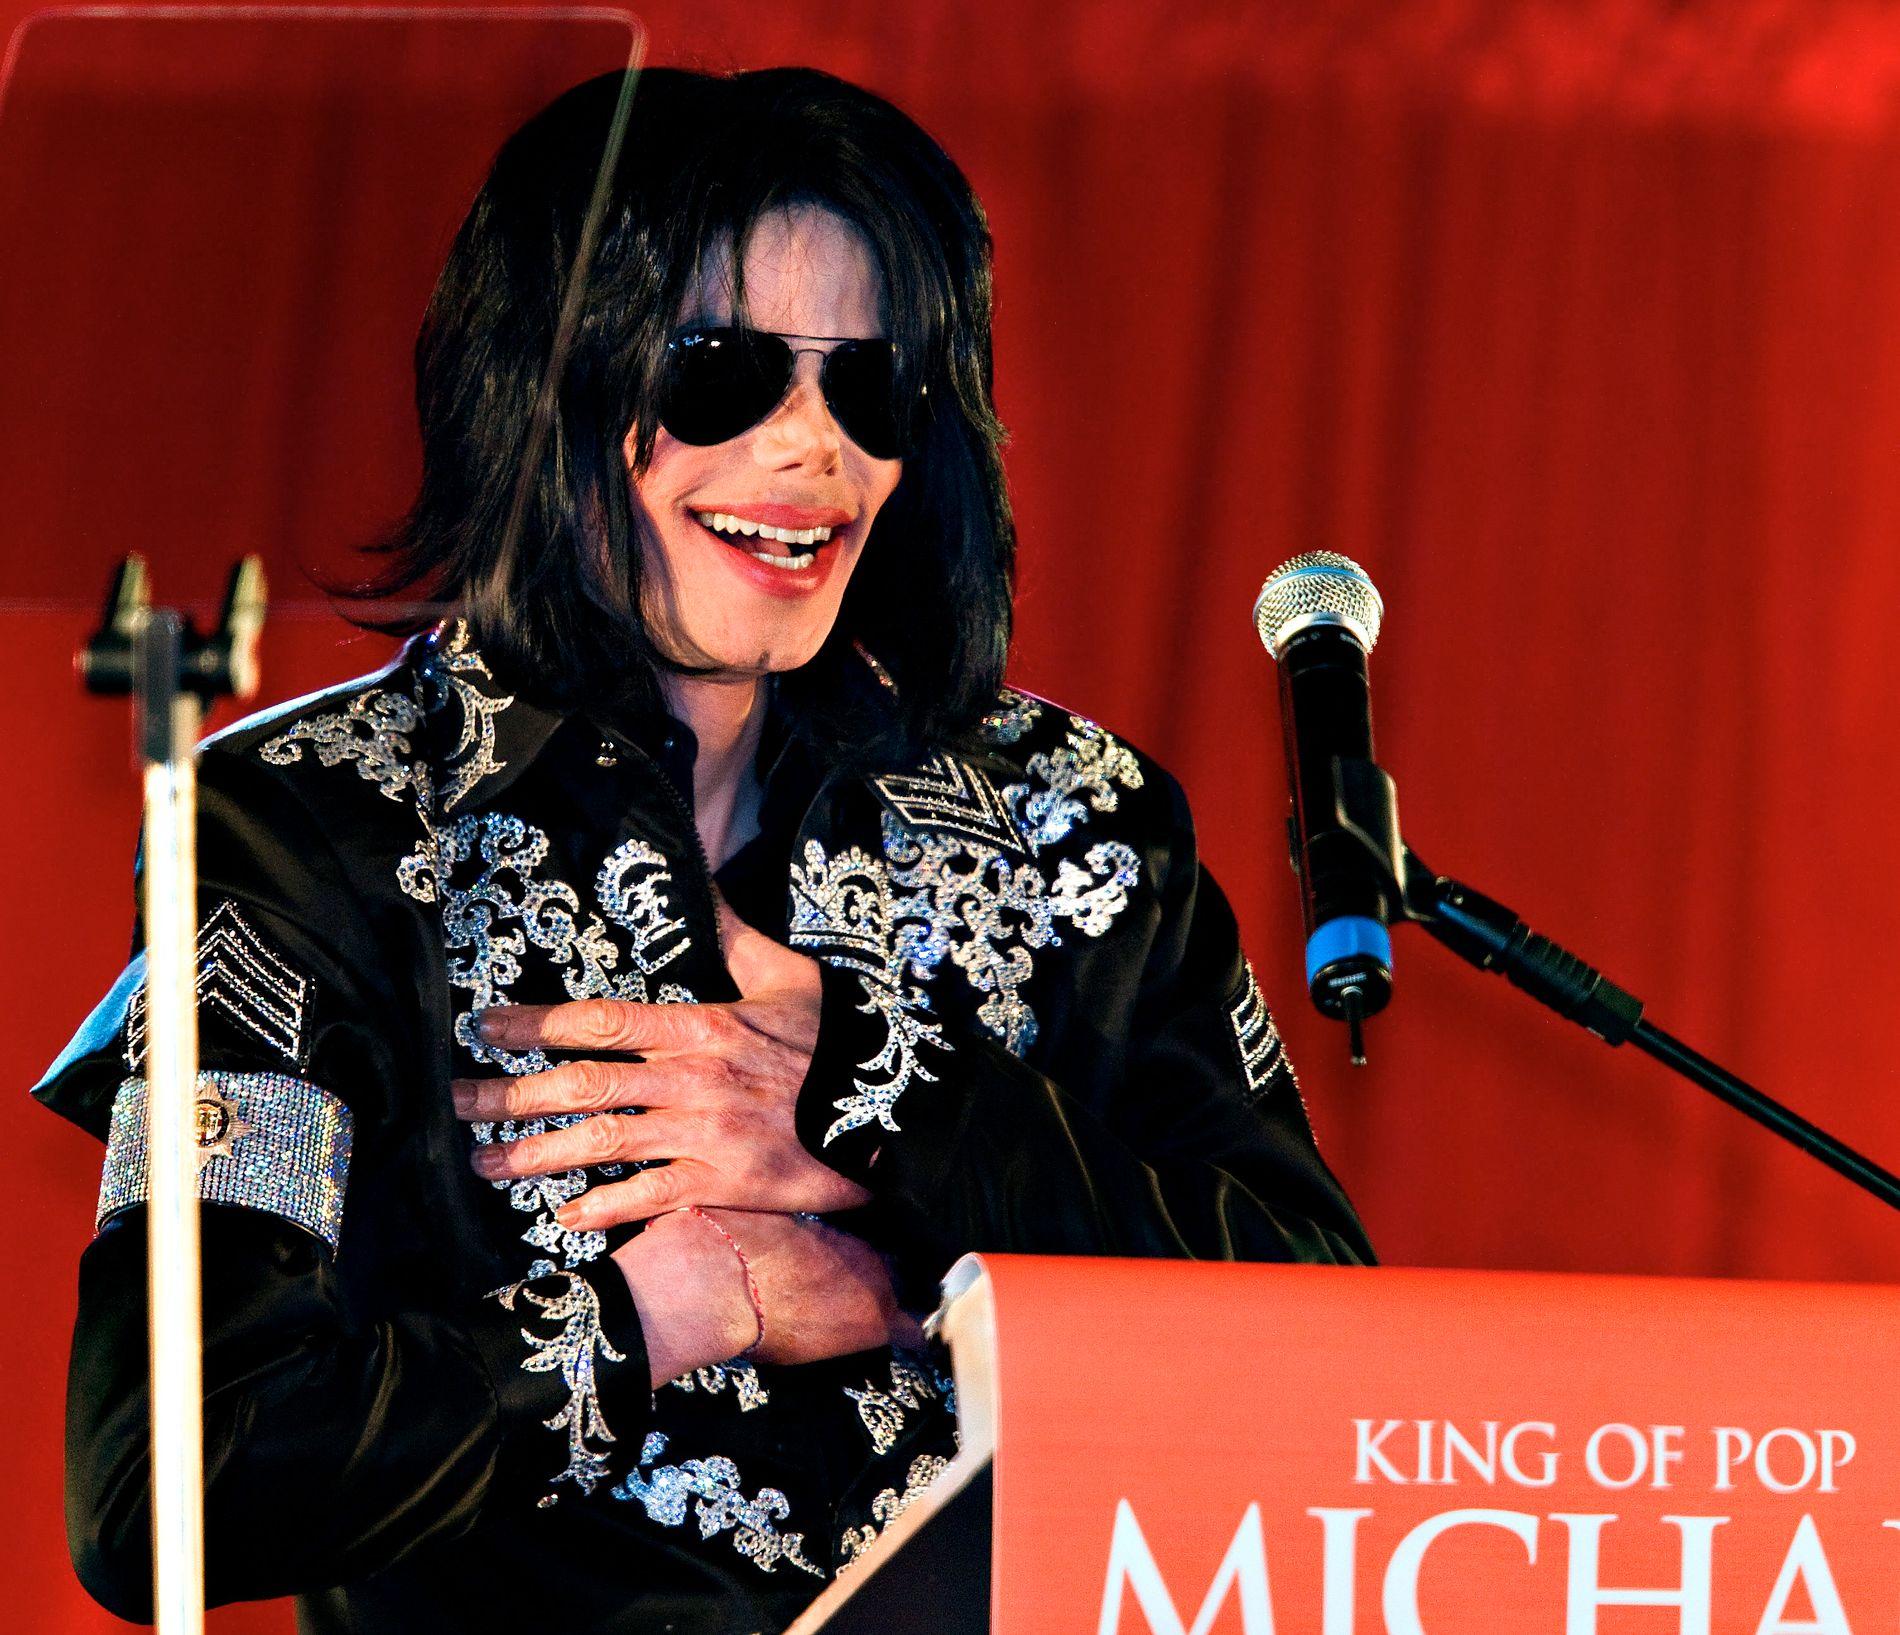 MOT SLUTTEN: Michael Jackson på pressekonferanse i London, knappe fire måneder før han døde.